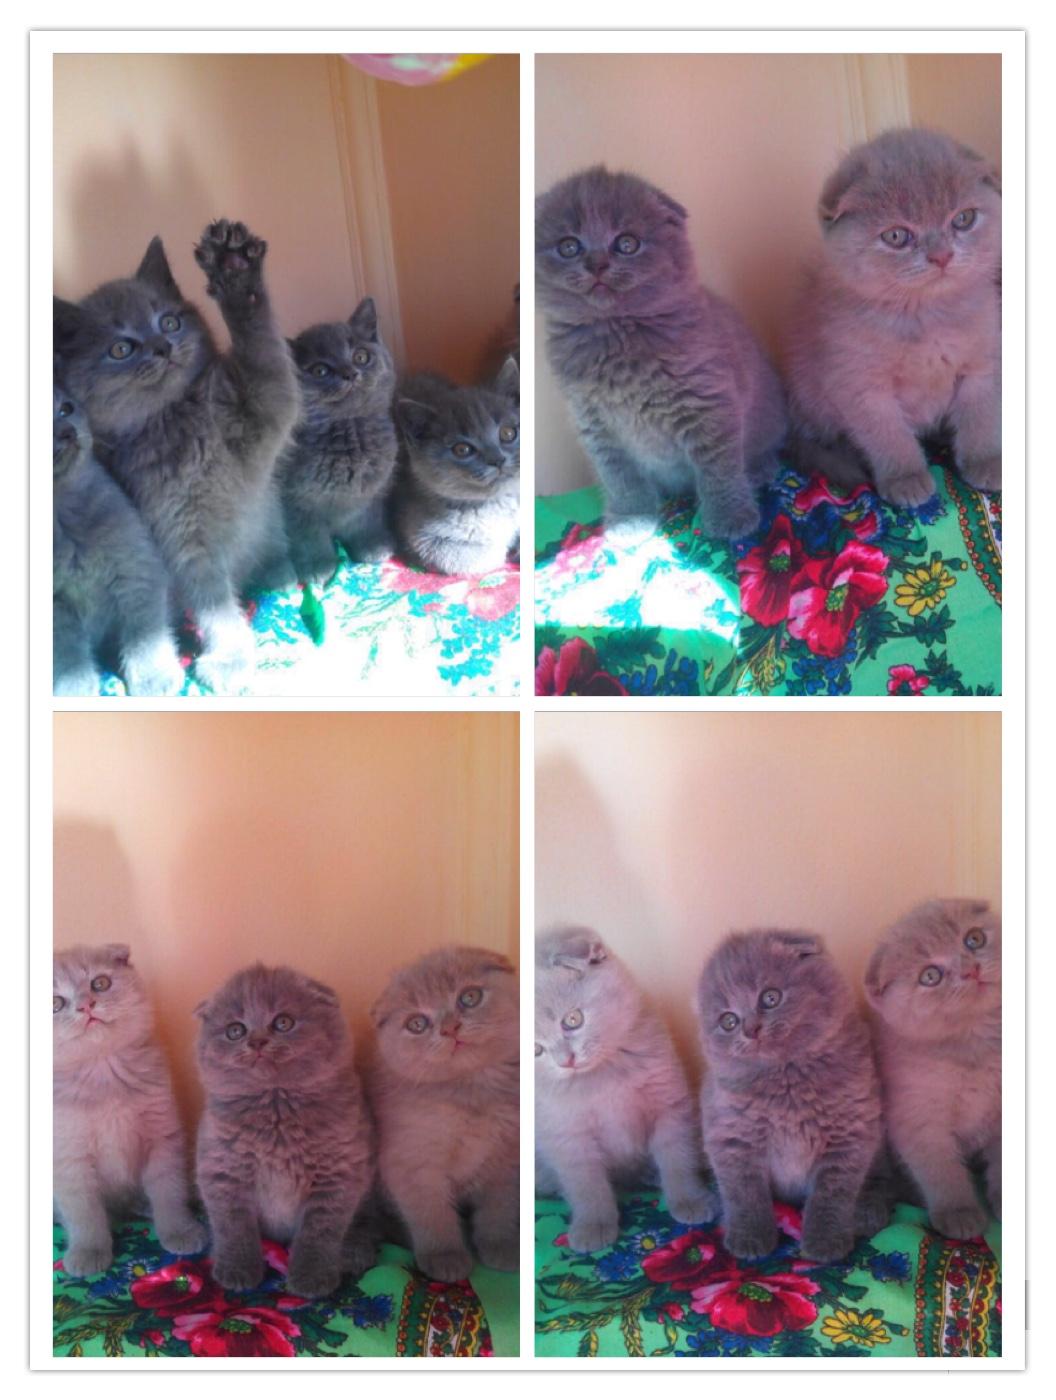 قطط صغيرة للبيع 2021 - منتدى بيع وشراء قطط الشيرازي والهملايا 188e7d664d826e02b3c56cd8fd907d33